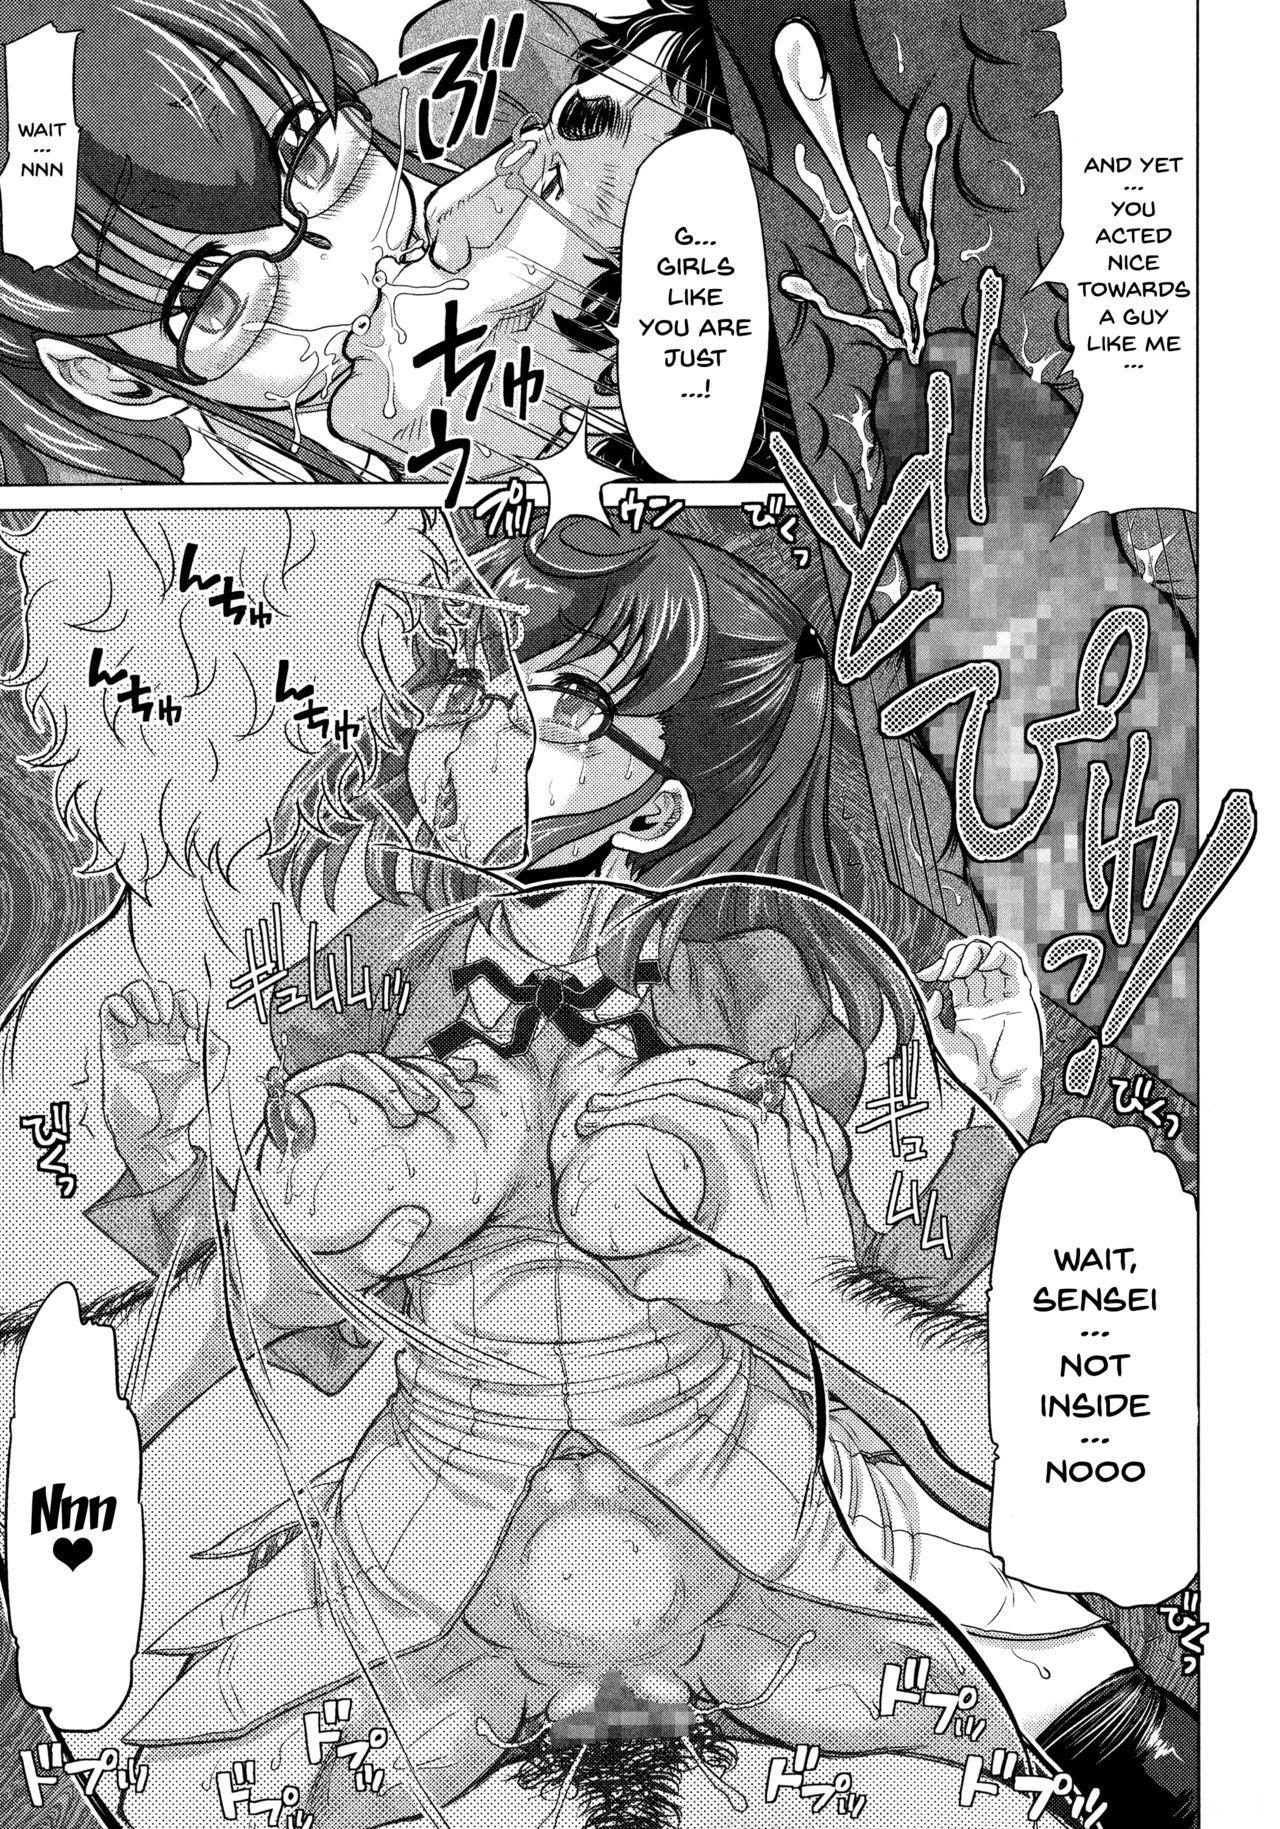 [Minority] Negative Kanako-sensei Ch. 1-6 [English] {Doujins.com} 134